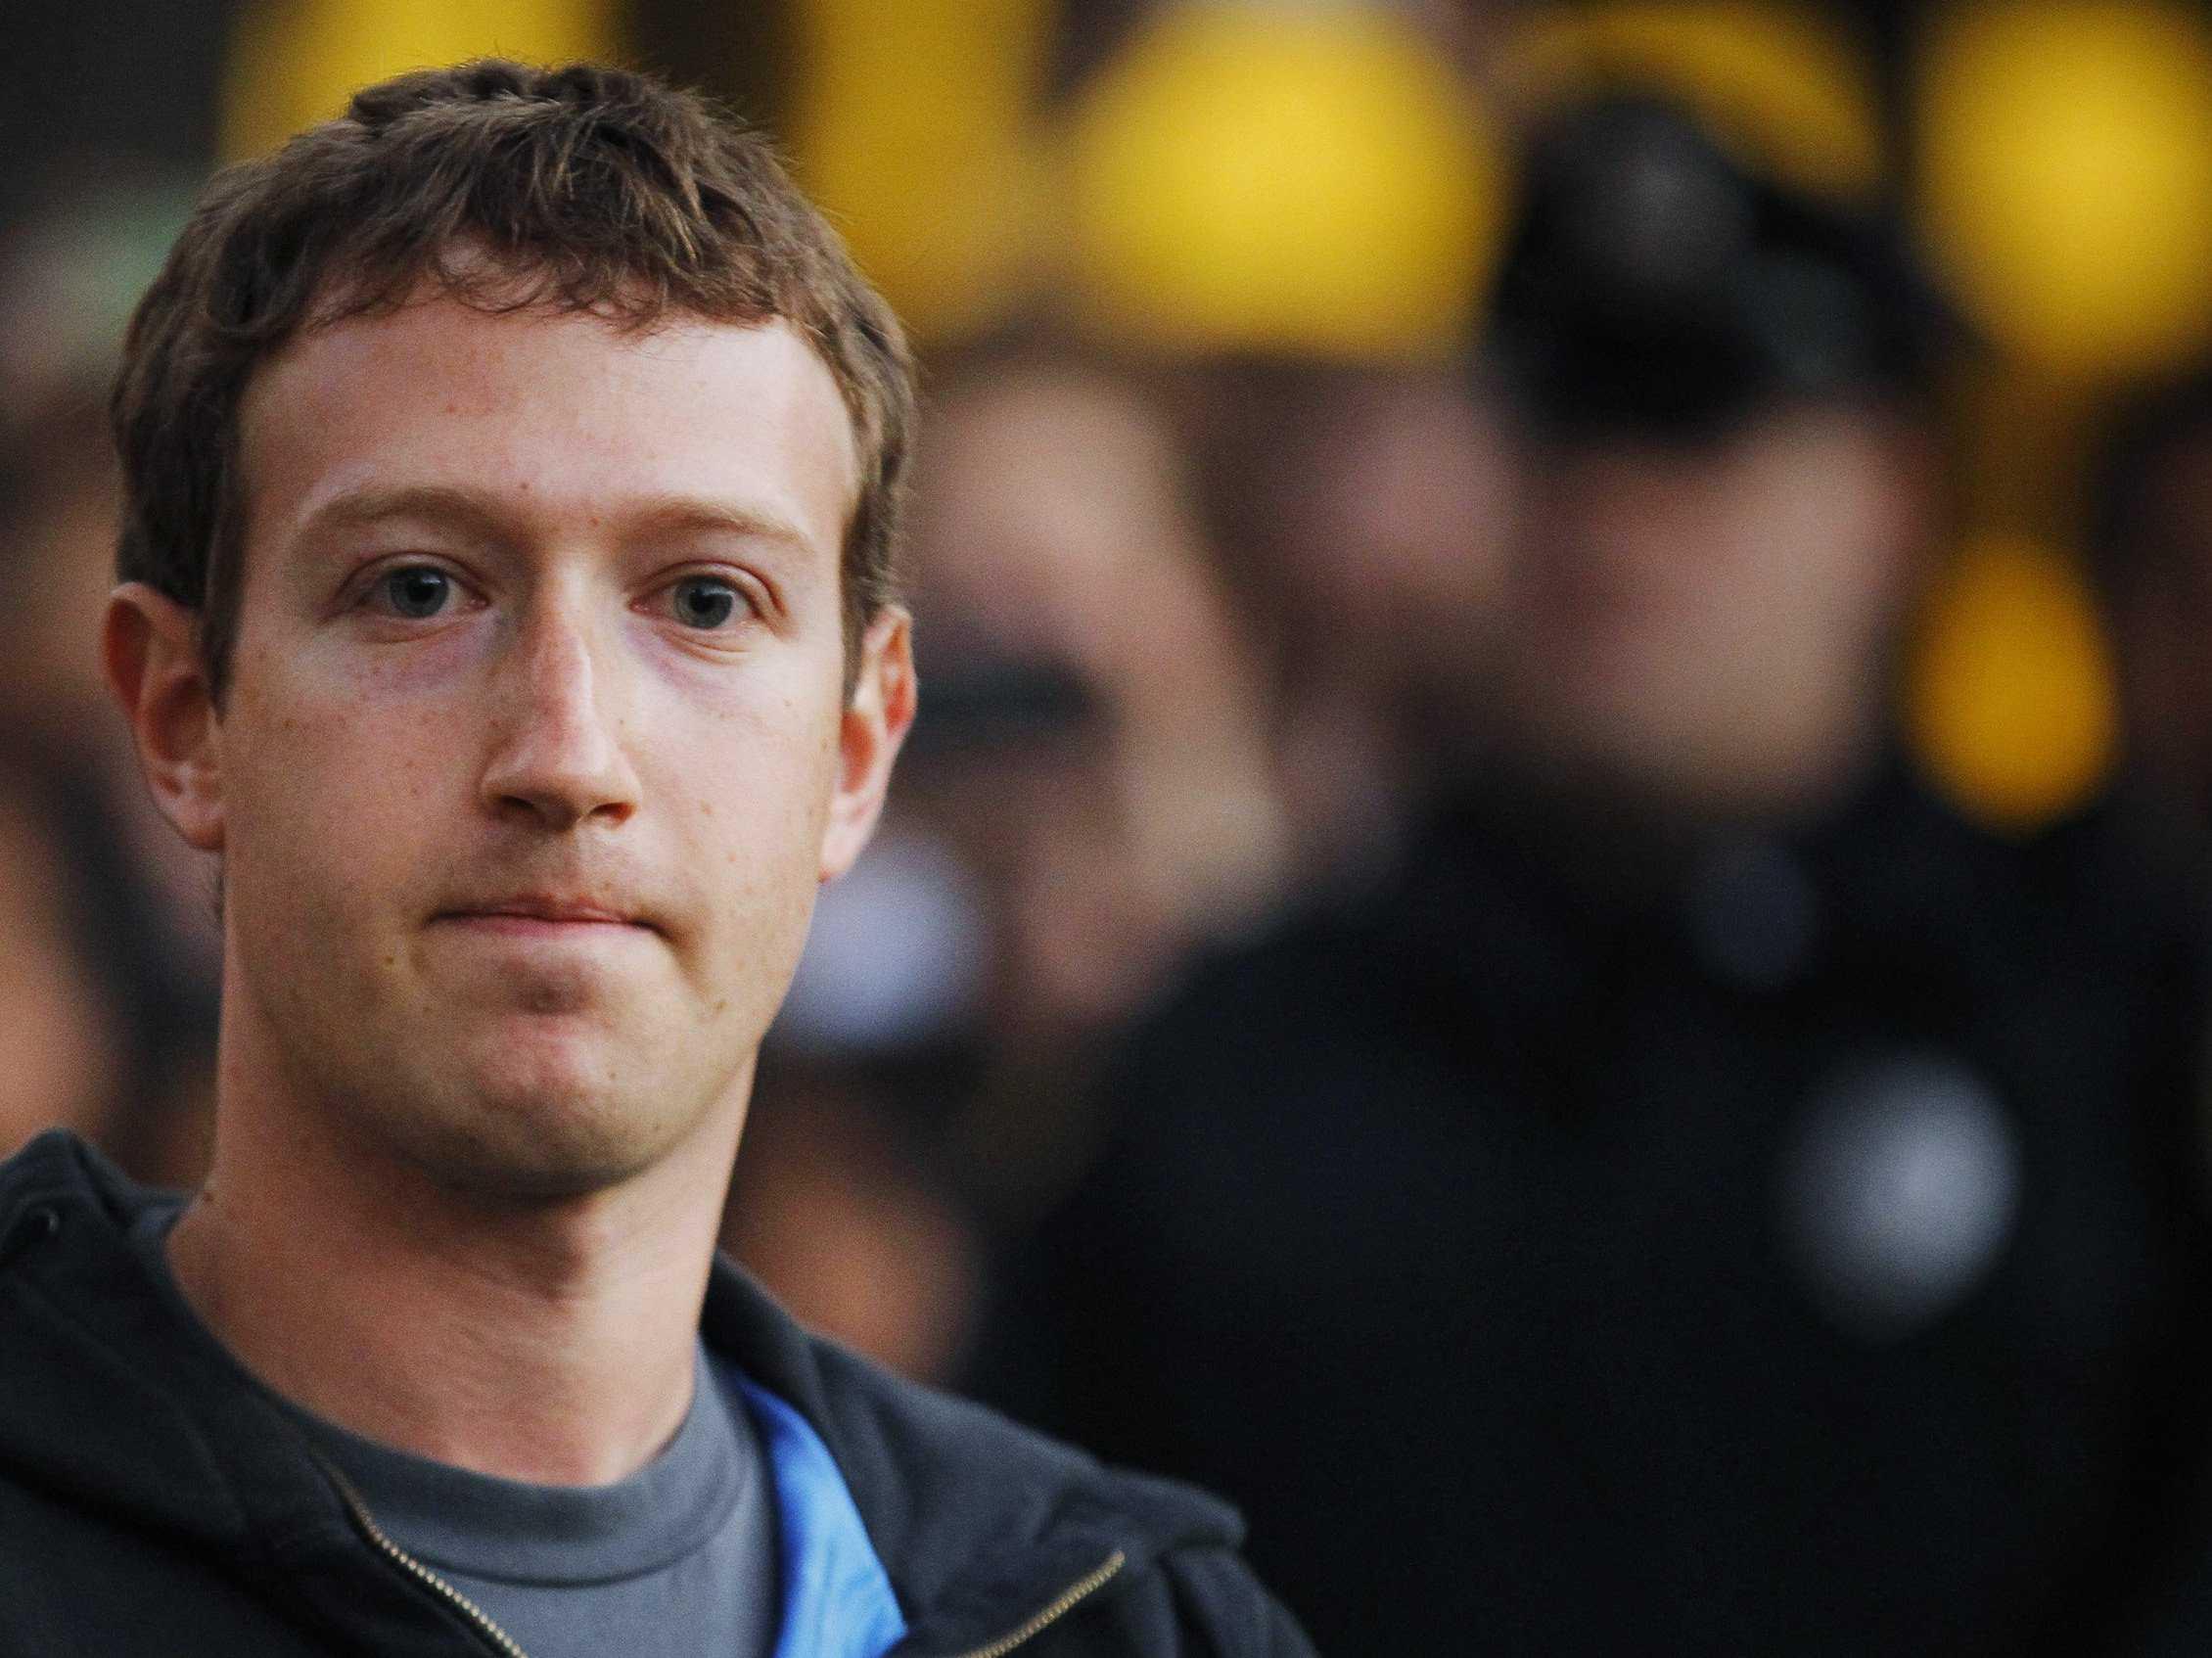 Extremista ameaçou matar Mark Zuckerberg por se recusar a proibir mensagens sobre Maomé no Facebook